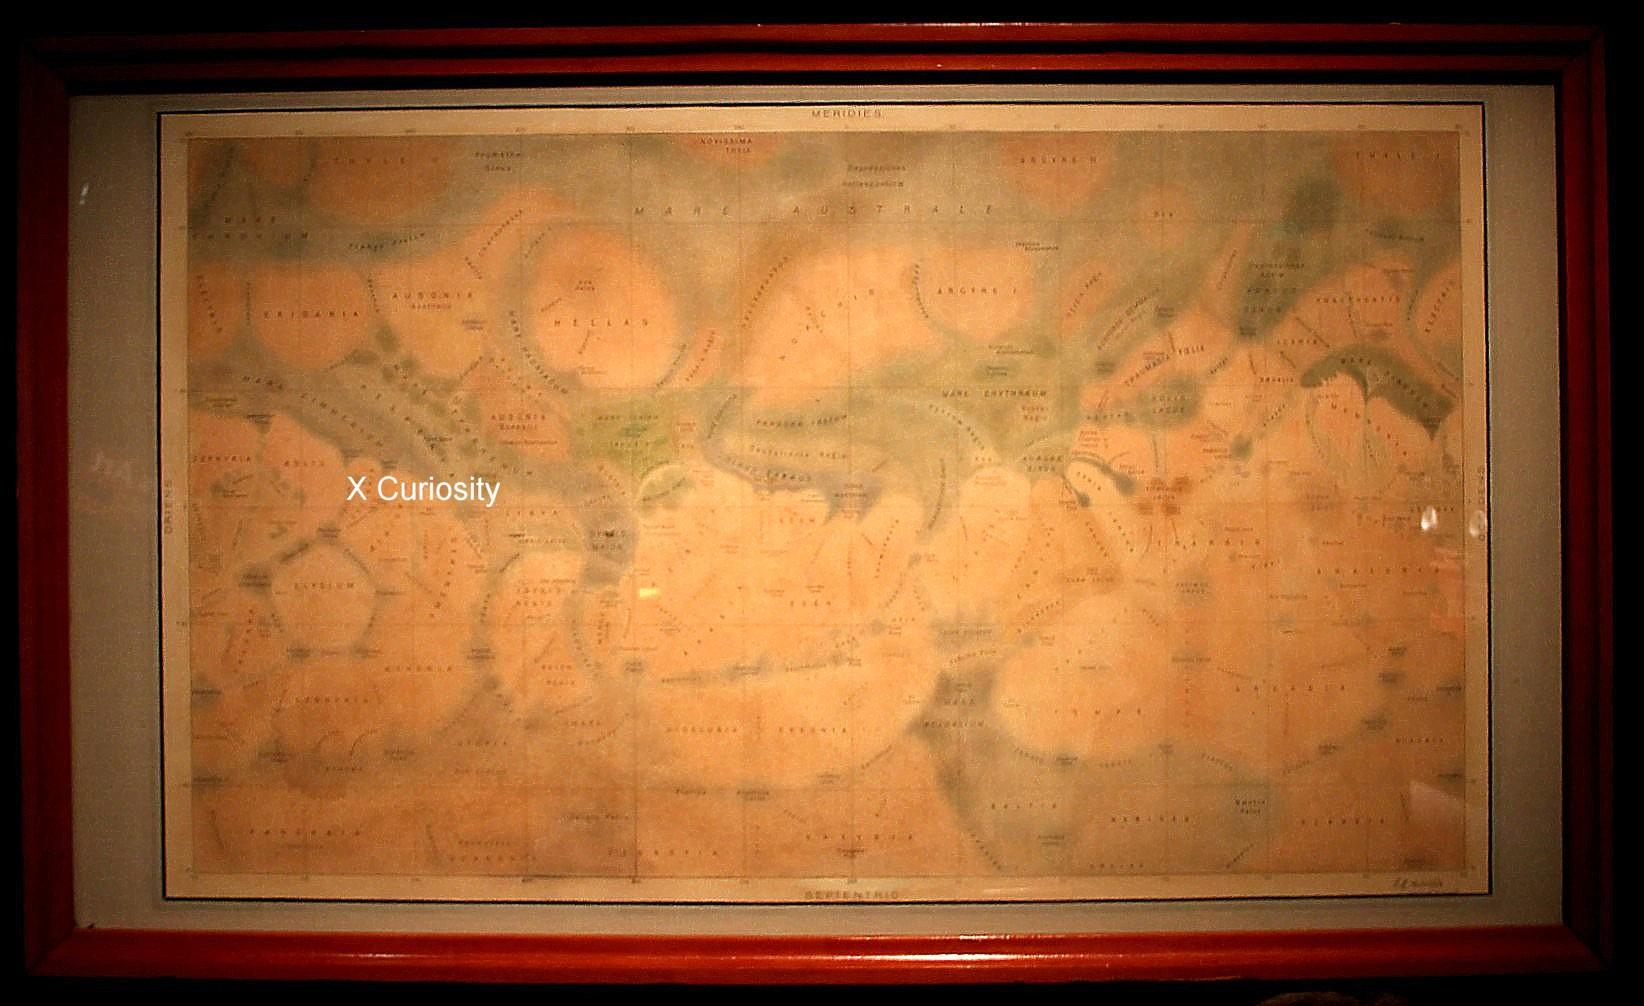 16 02 18 - 16h 26m 23s - explorez mars palais de la découverte rec rens